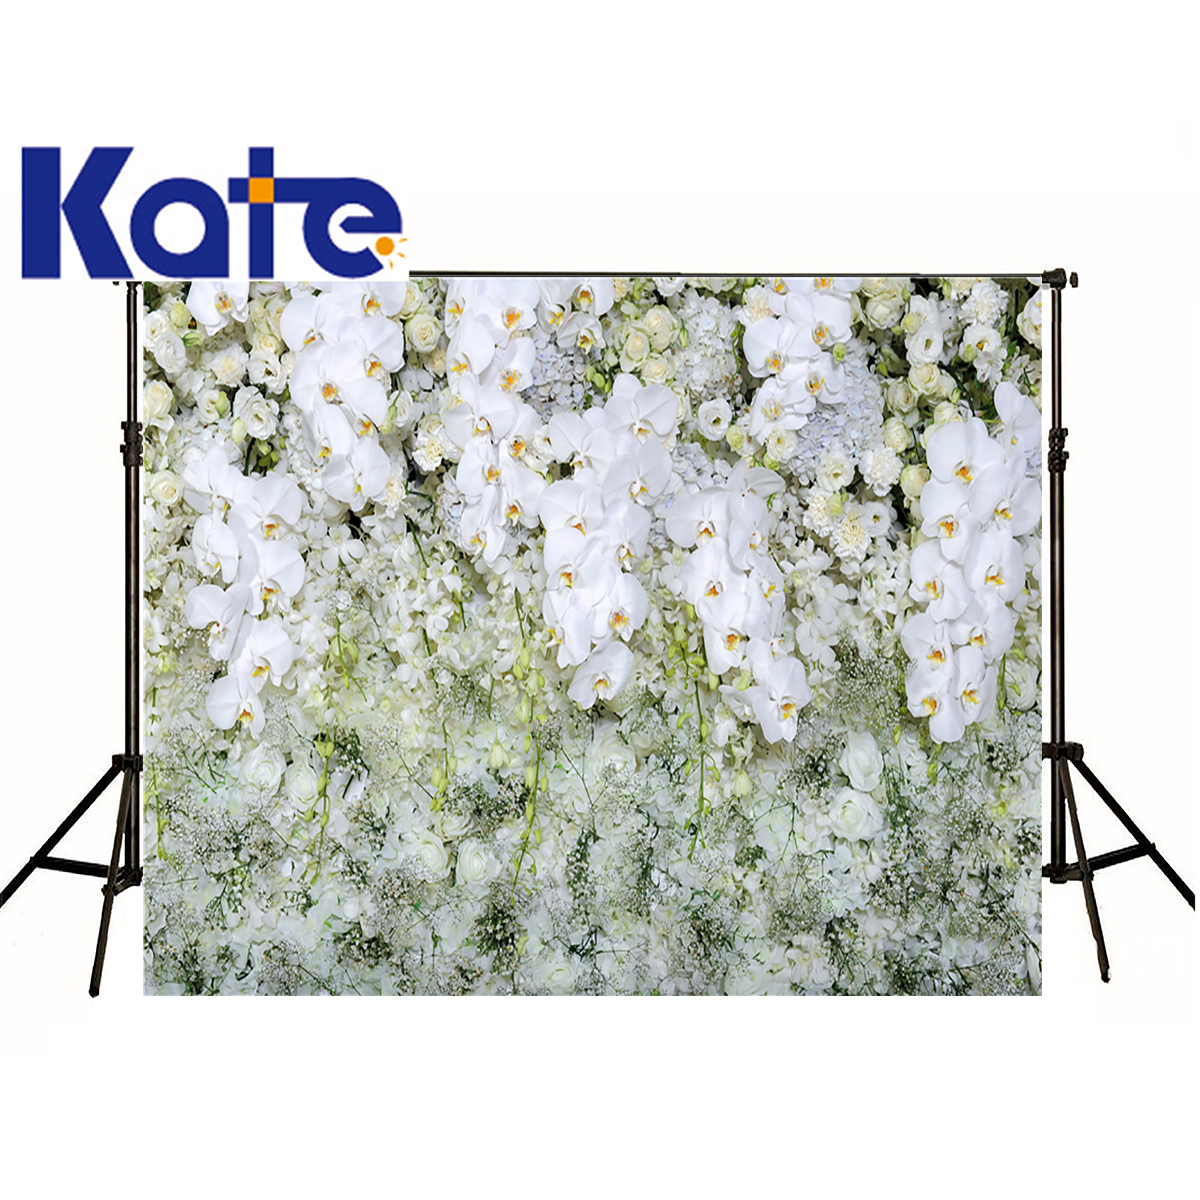 KATE Toile de Fond Photographique Fond Blanc Fleurs Mur Printemps Fond De Mariage Backdeops Paysage Fond Pour Studio